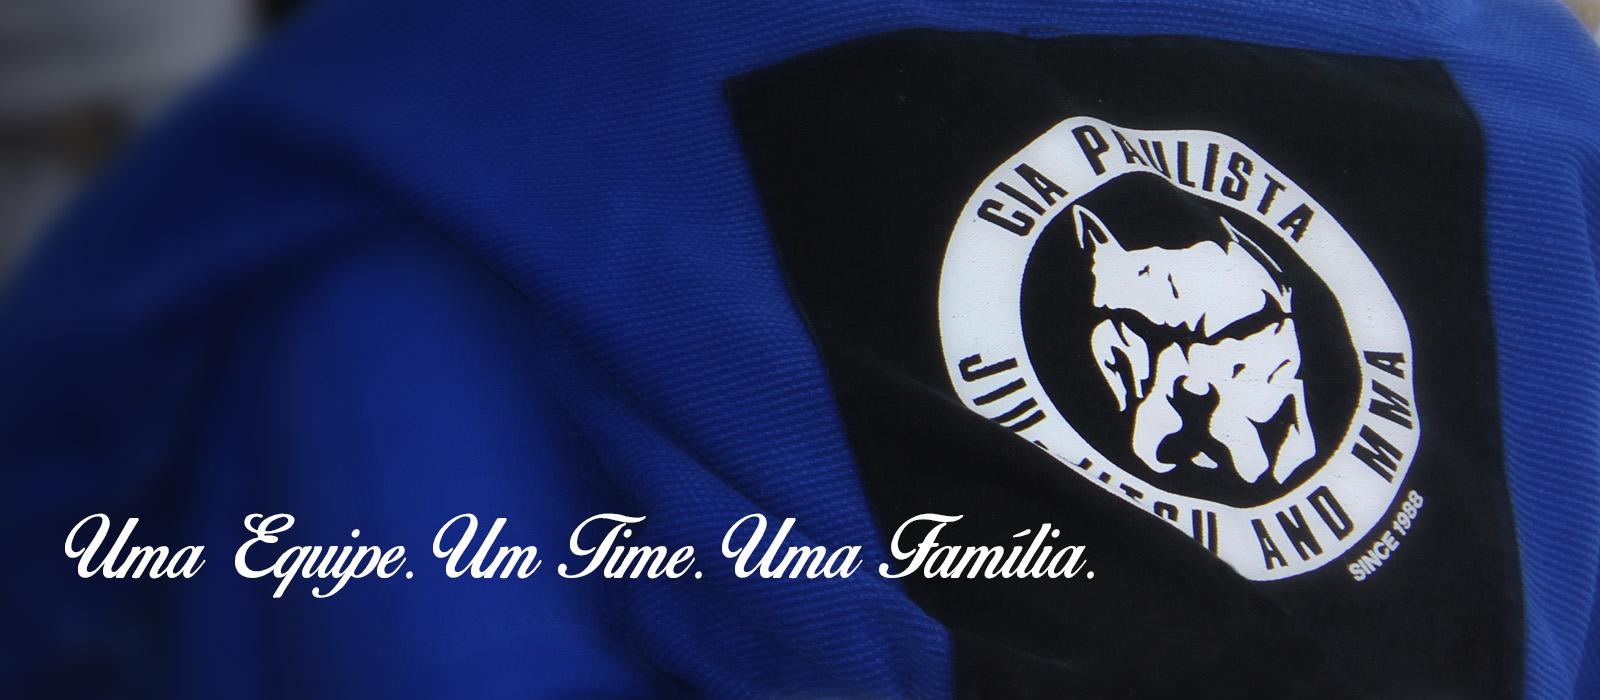 Uma Equipe. Um time. Uma família.